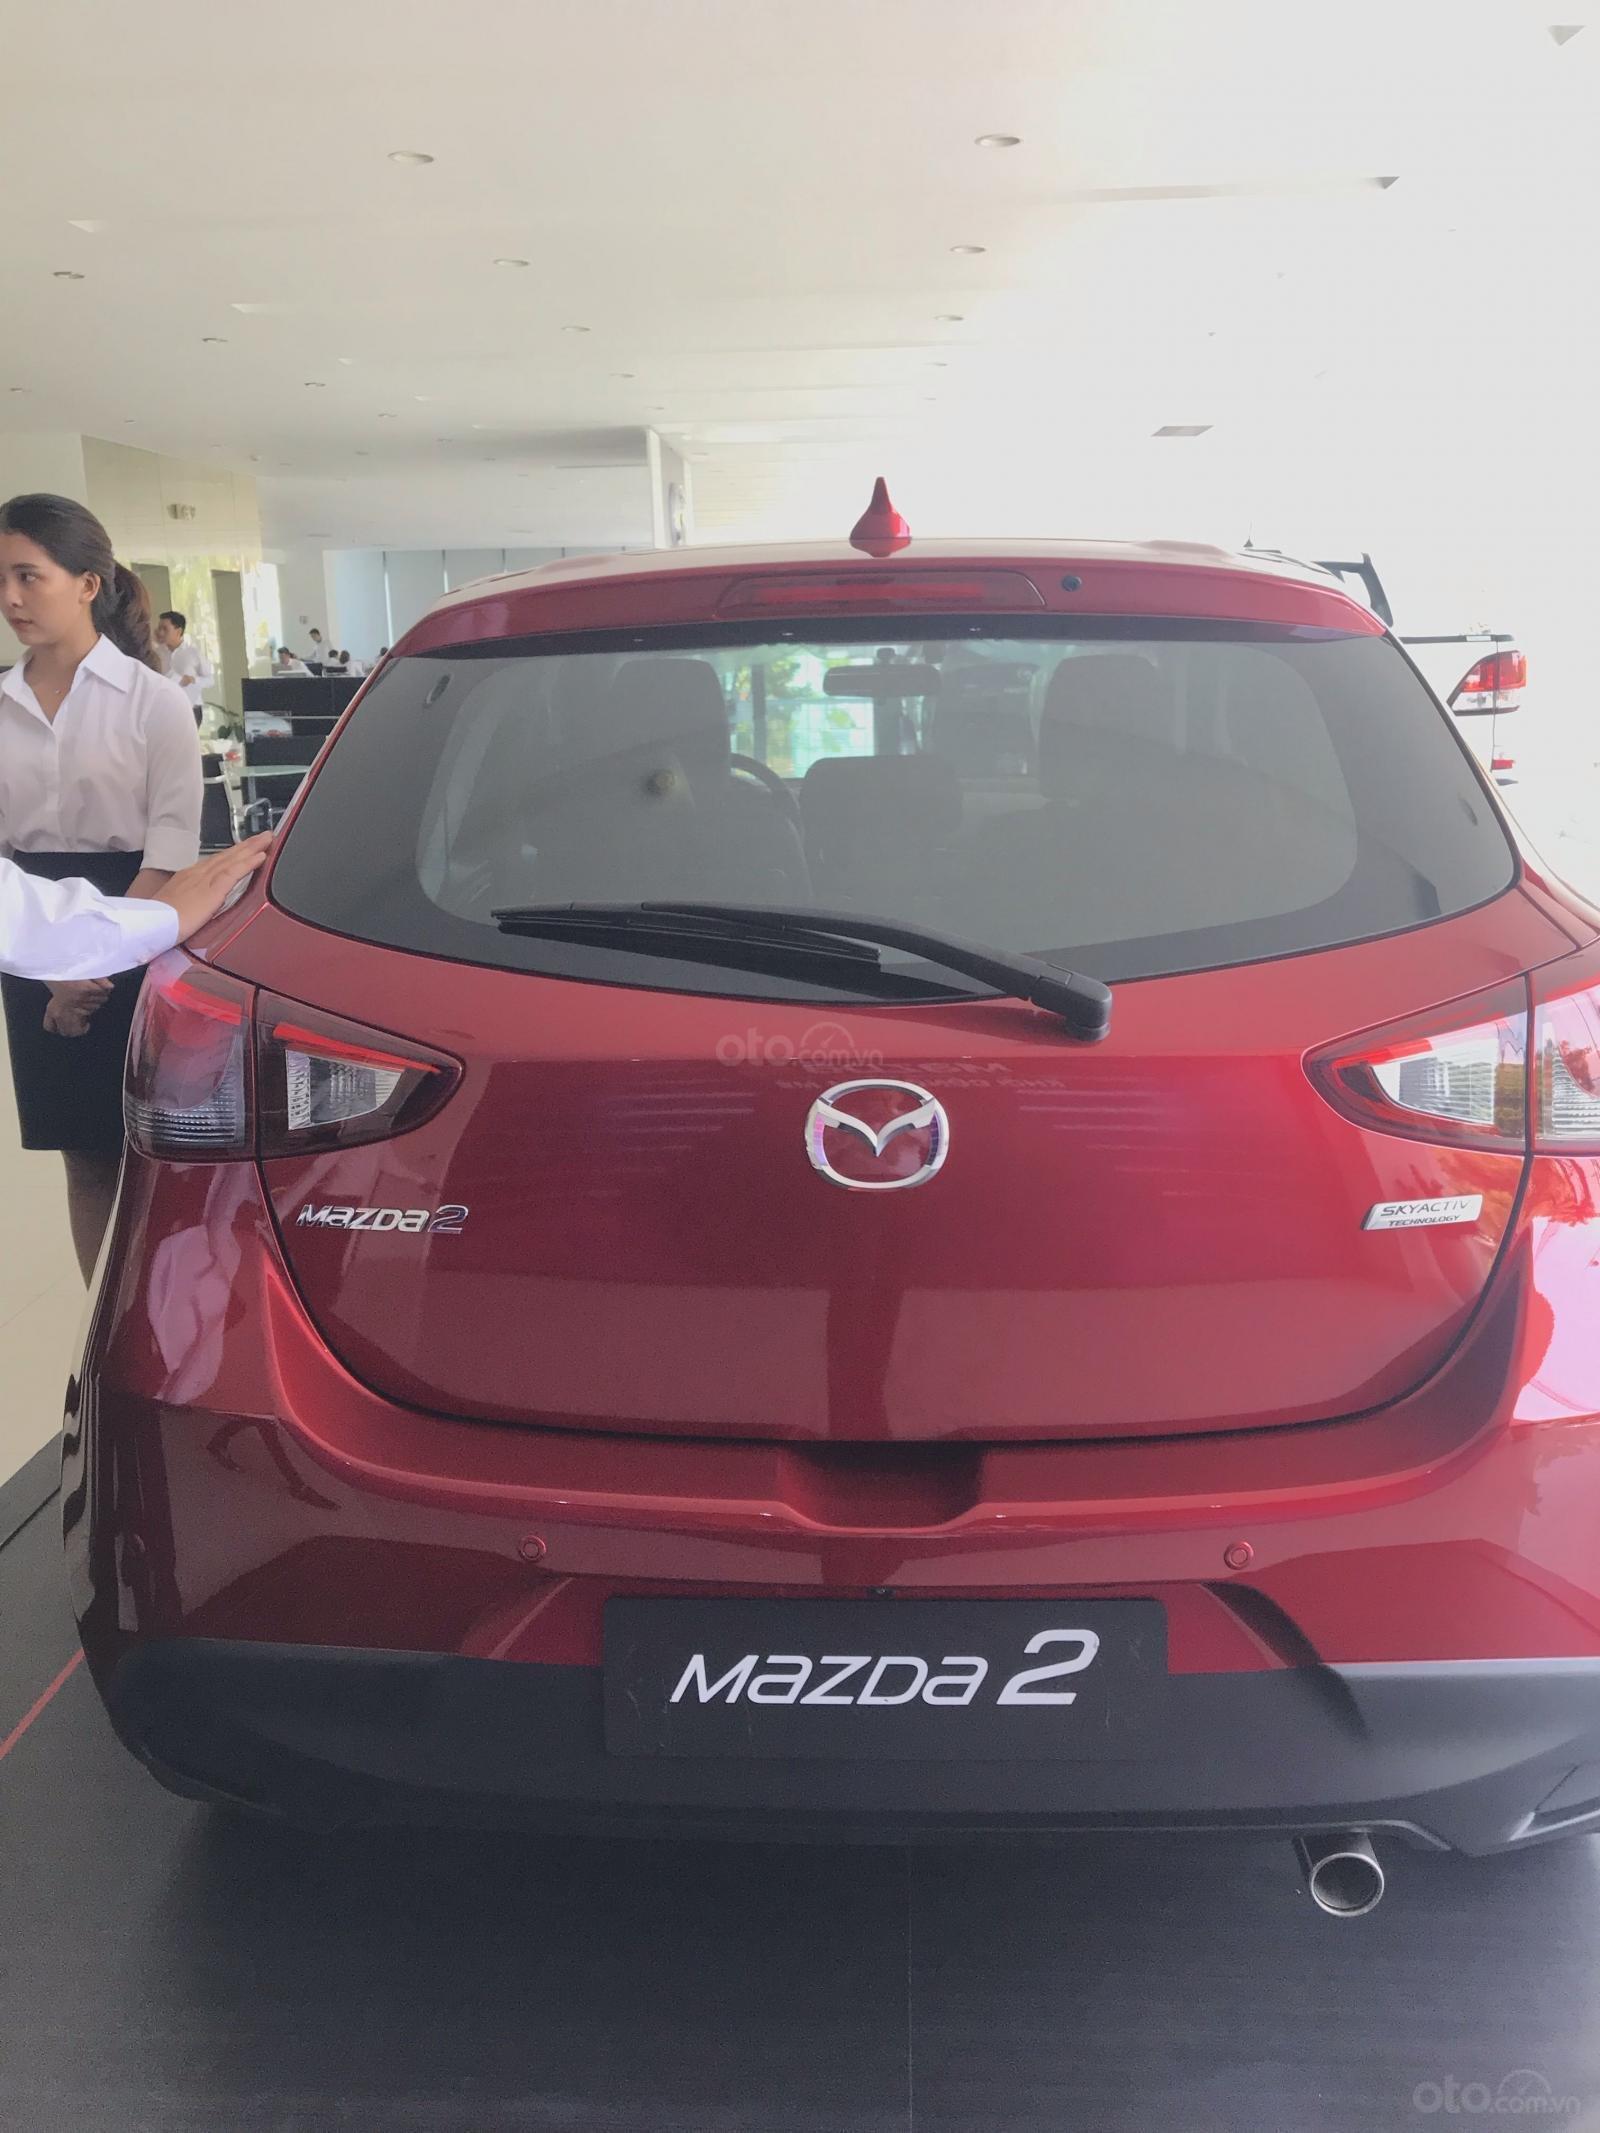 Mazda 2 nhập khẩu Thái Lan ưu đãi tháng 11, giảm tiền mặt 25tr, BHVC 01 năm gói bảo dưỡng 3 năm (5)